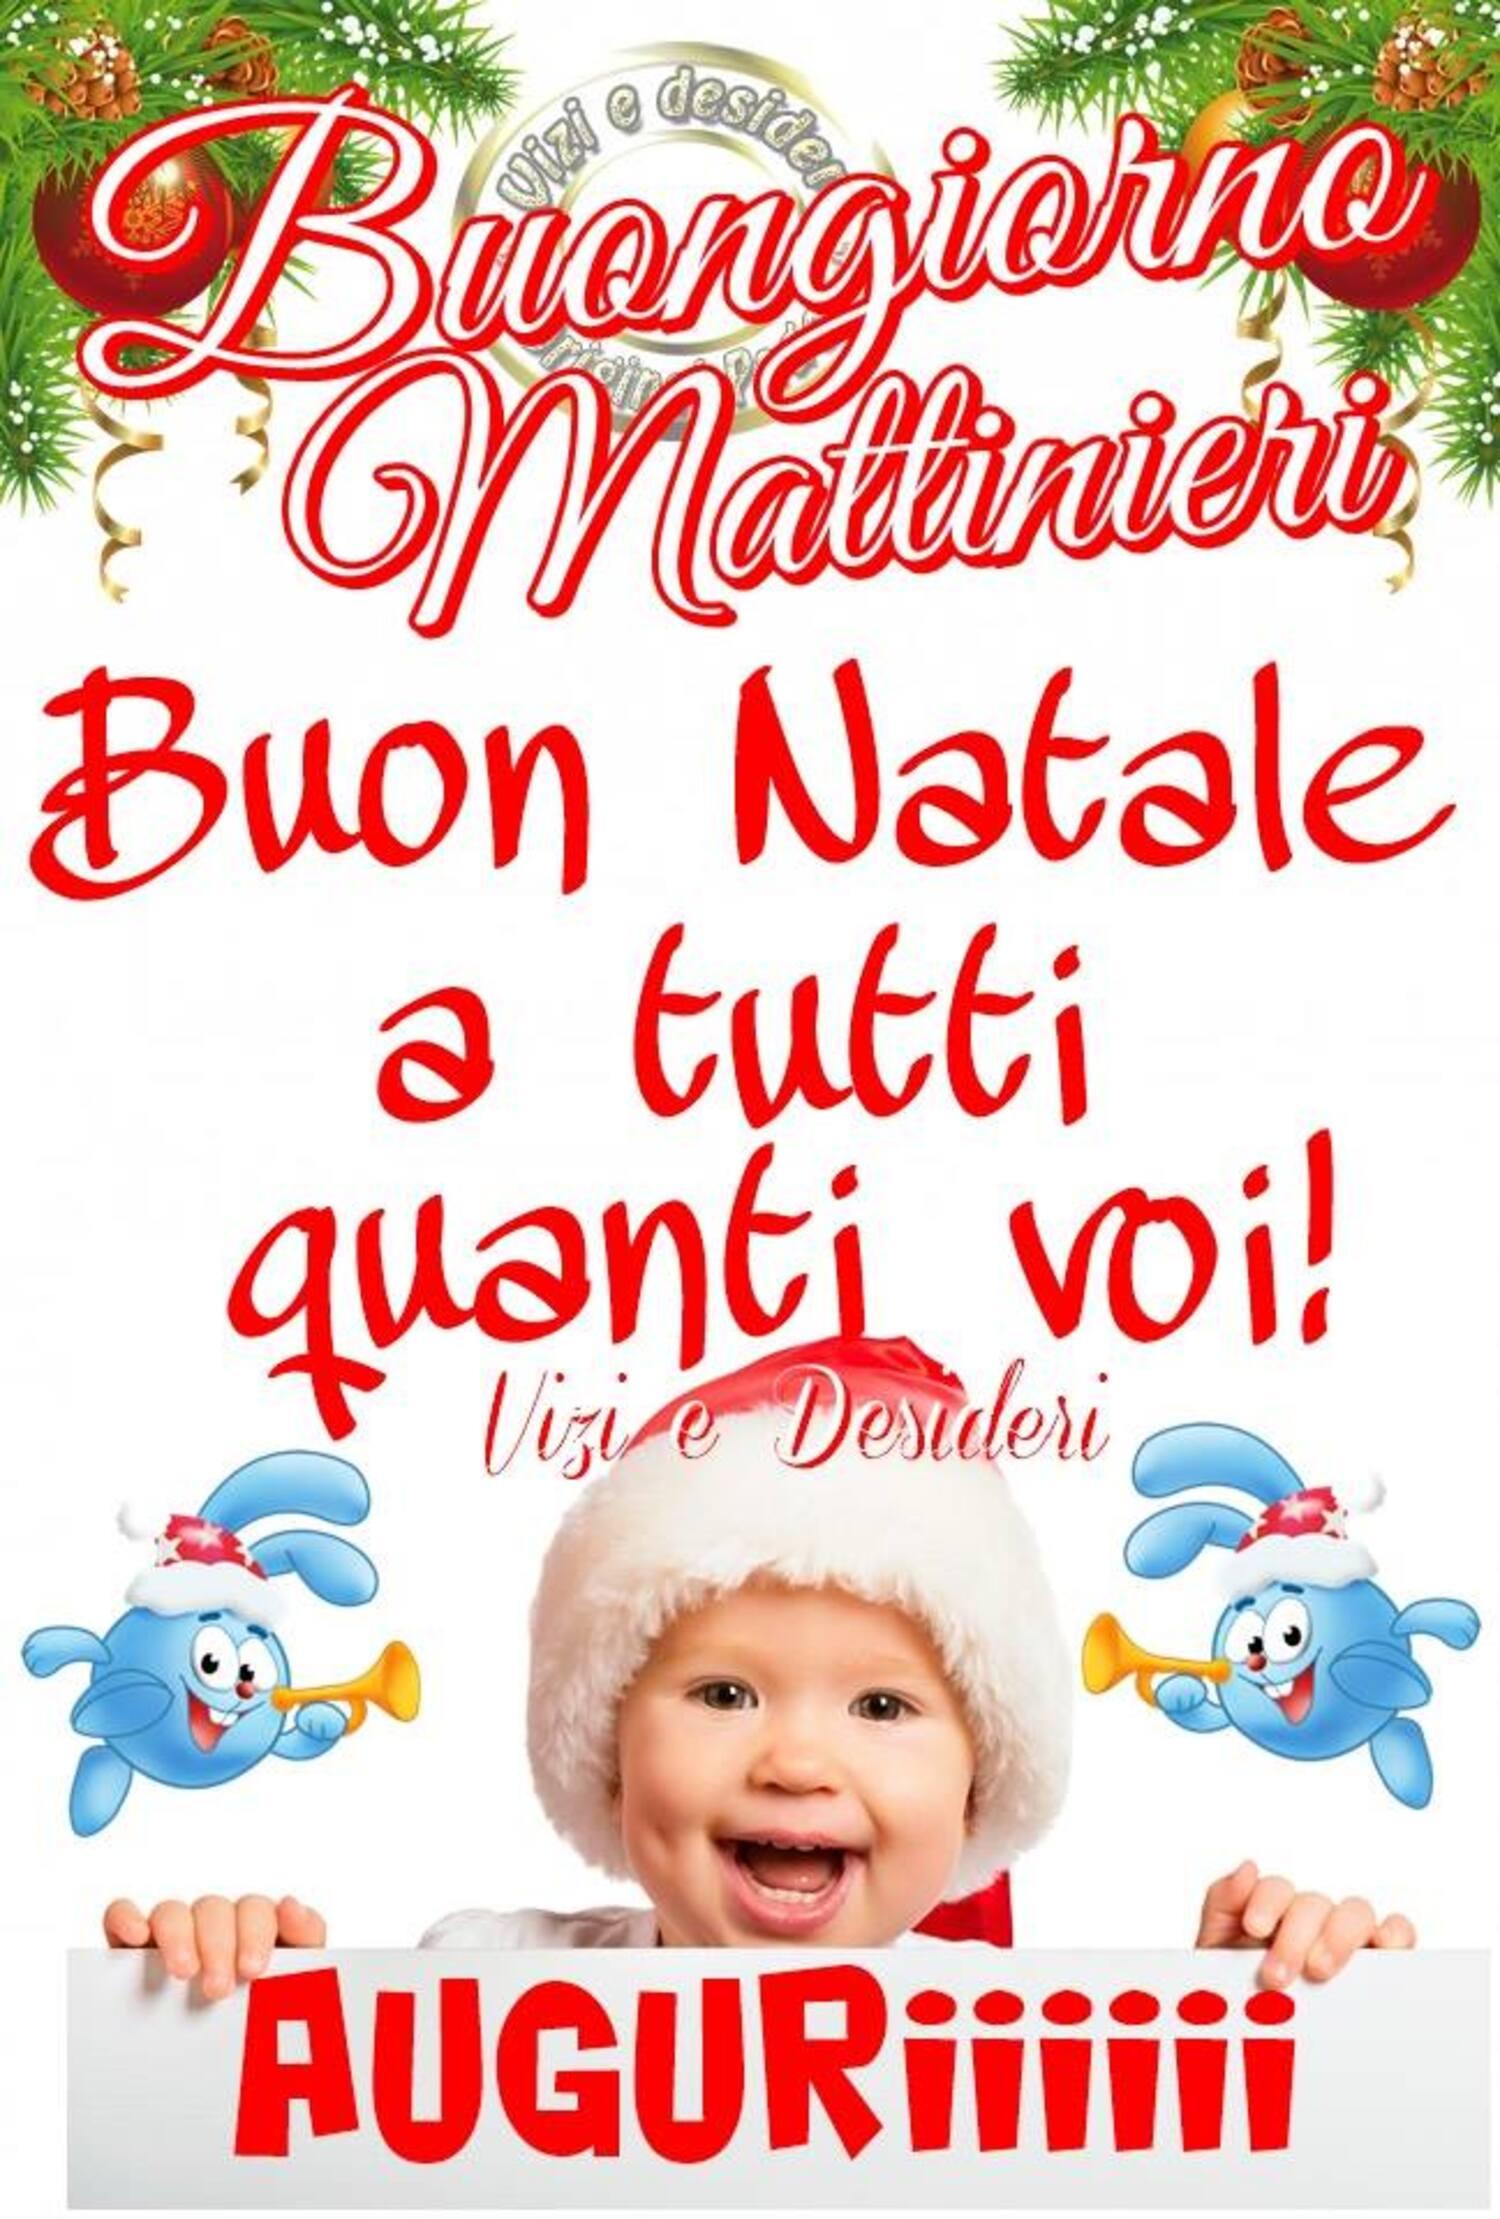 Buongiorno Mattinieri Buon Natale a tutti quanti voi! AUGURIIIII